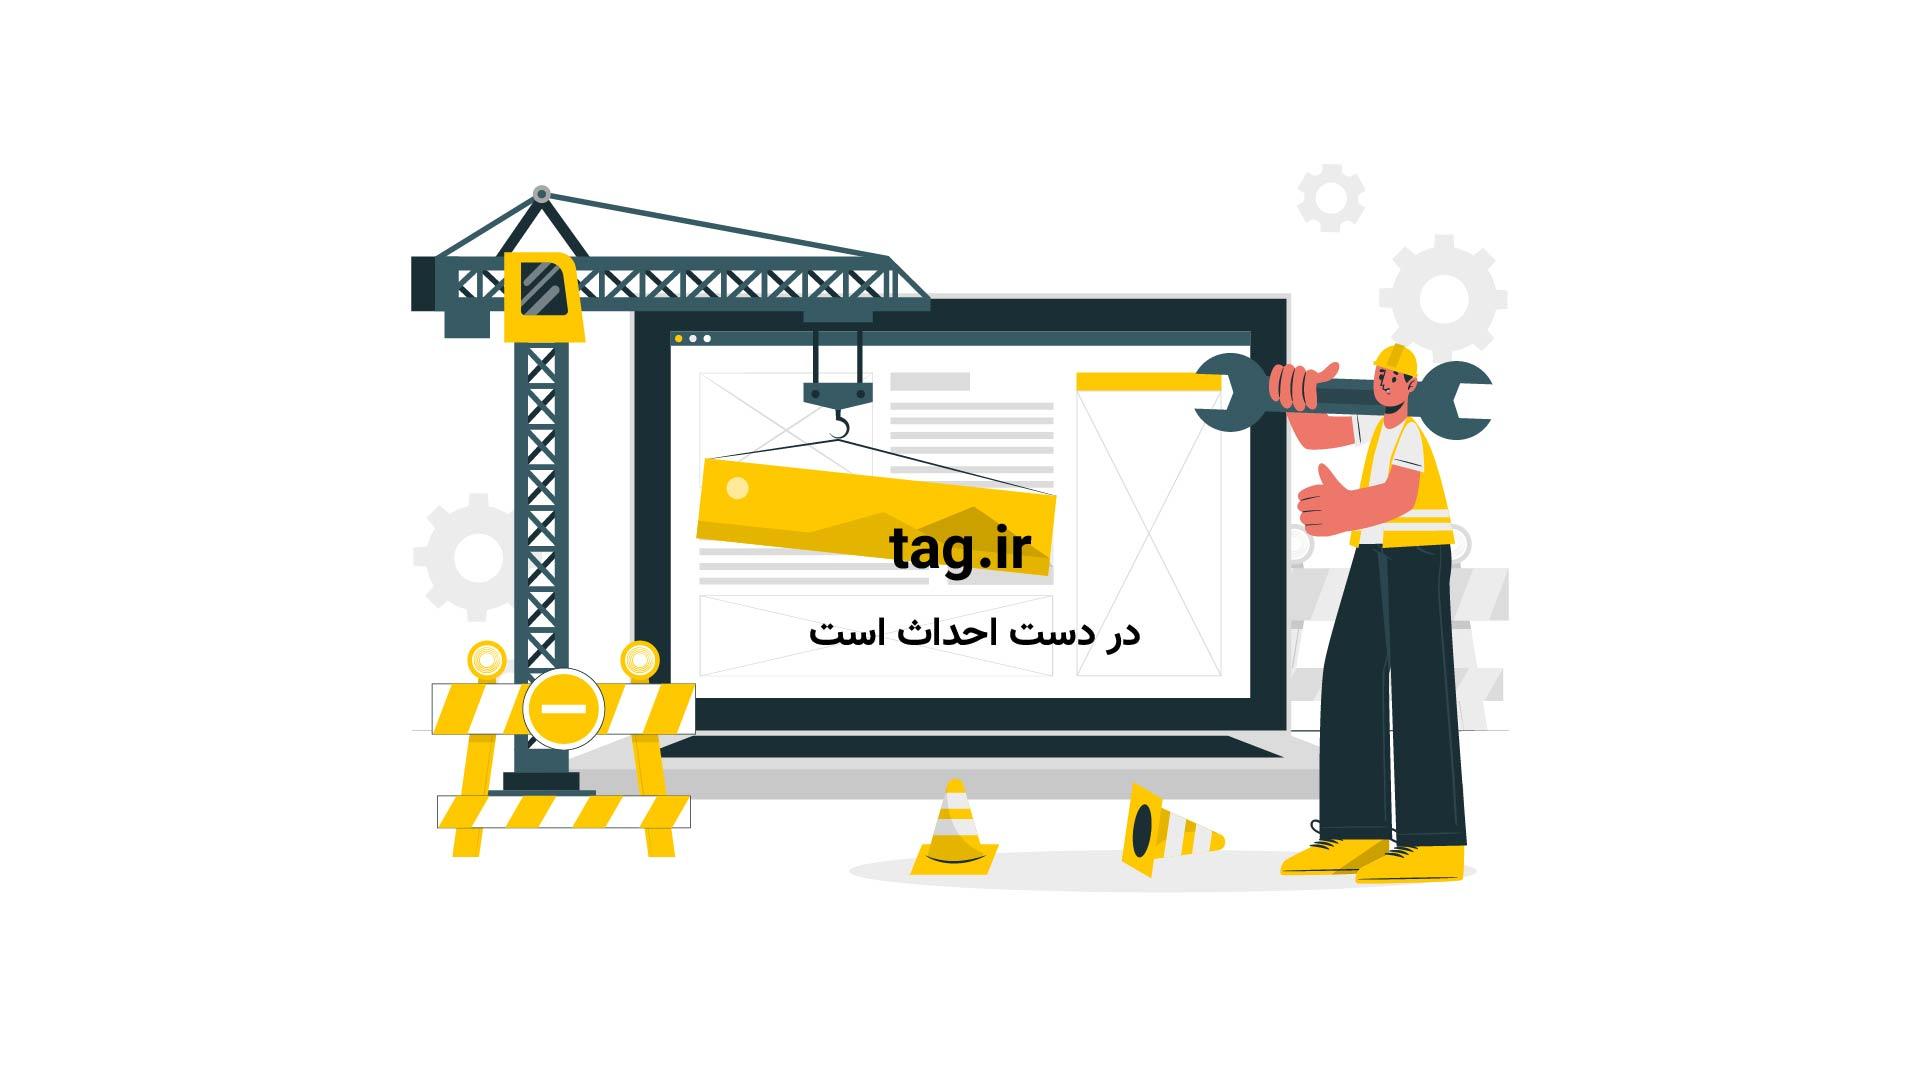 گورستان باستانی | تگ